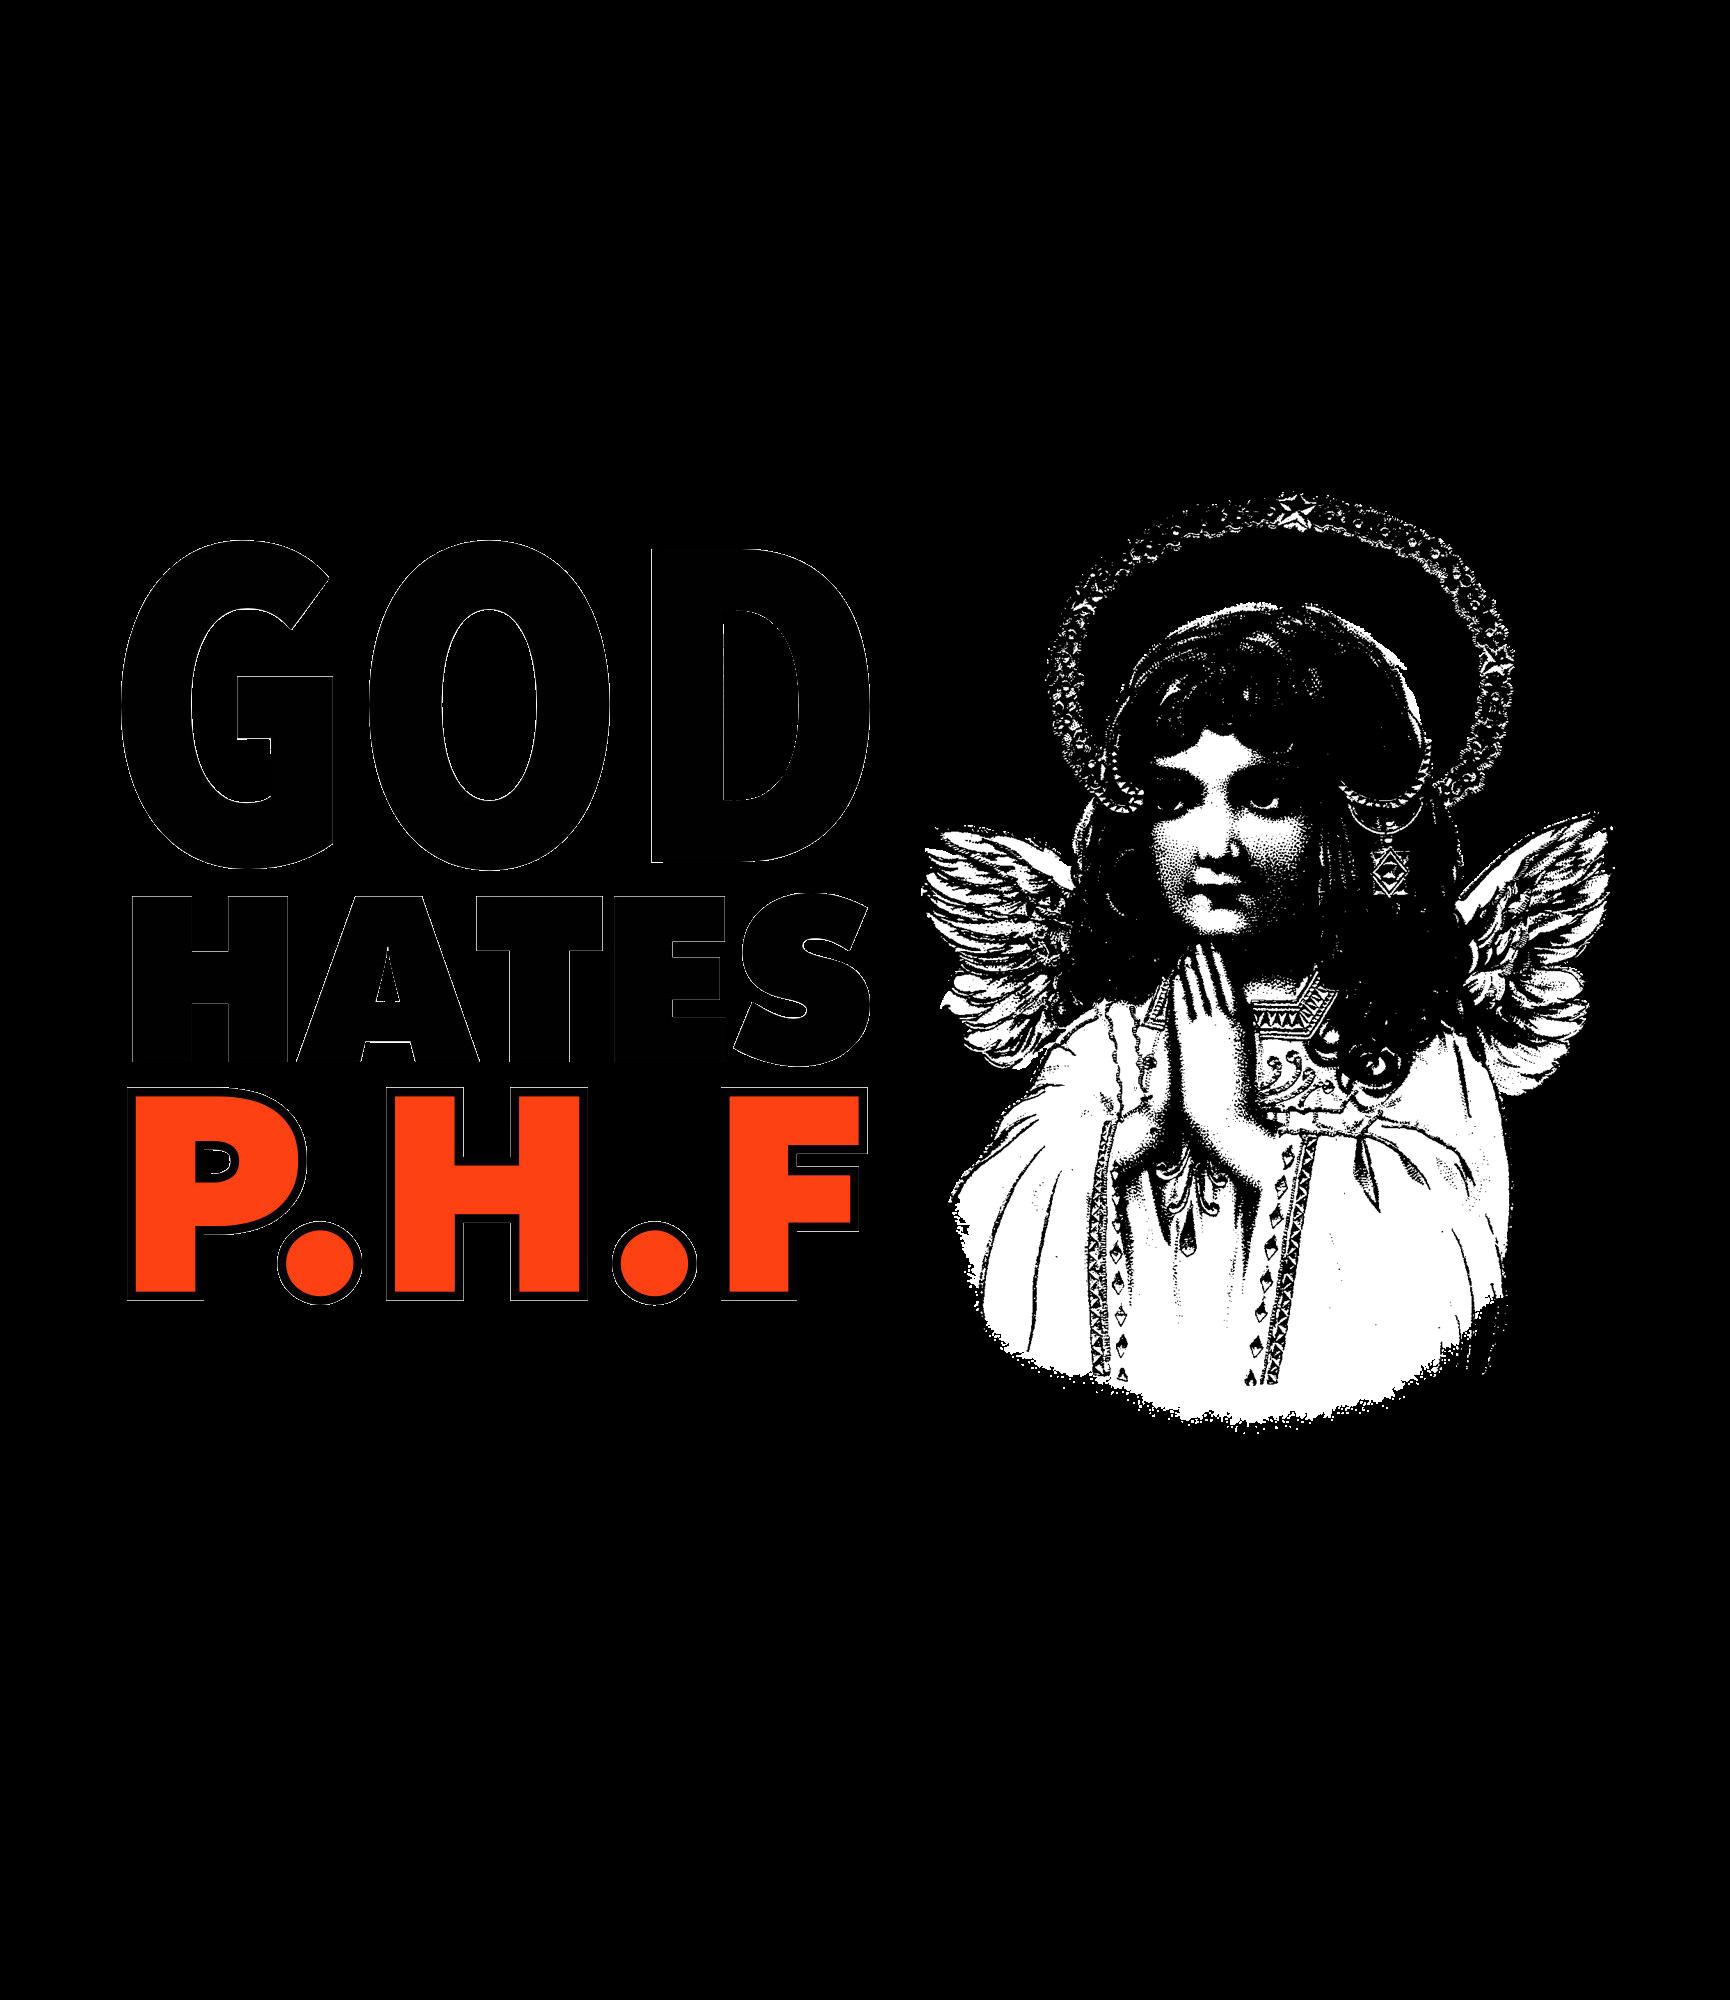 P.H.F - GOD HATES P.H.F (T-Shirt)